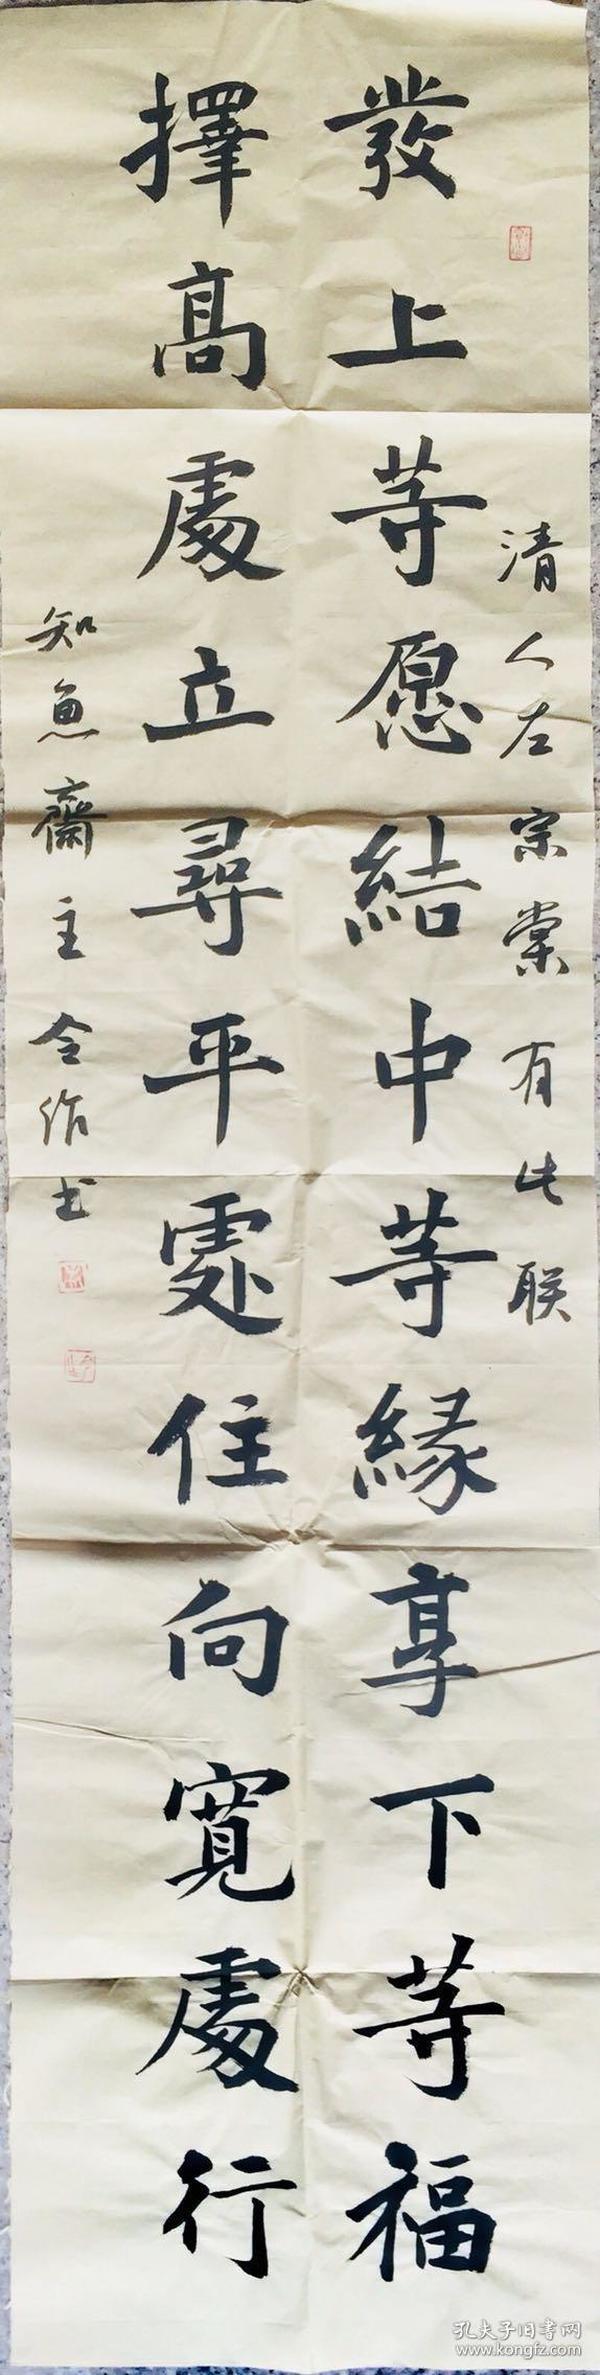 中书协会员、河北书协楷书委员孟令作四尺对开书法对联真迹发上等愿之二